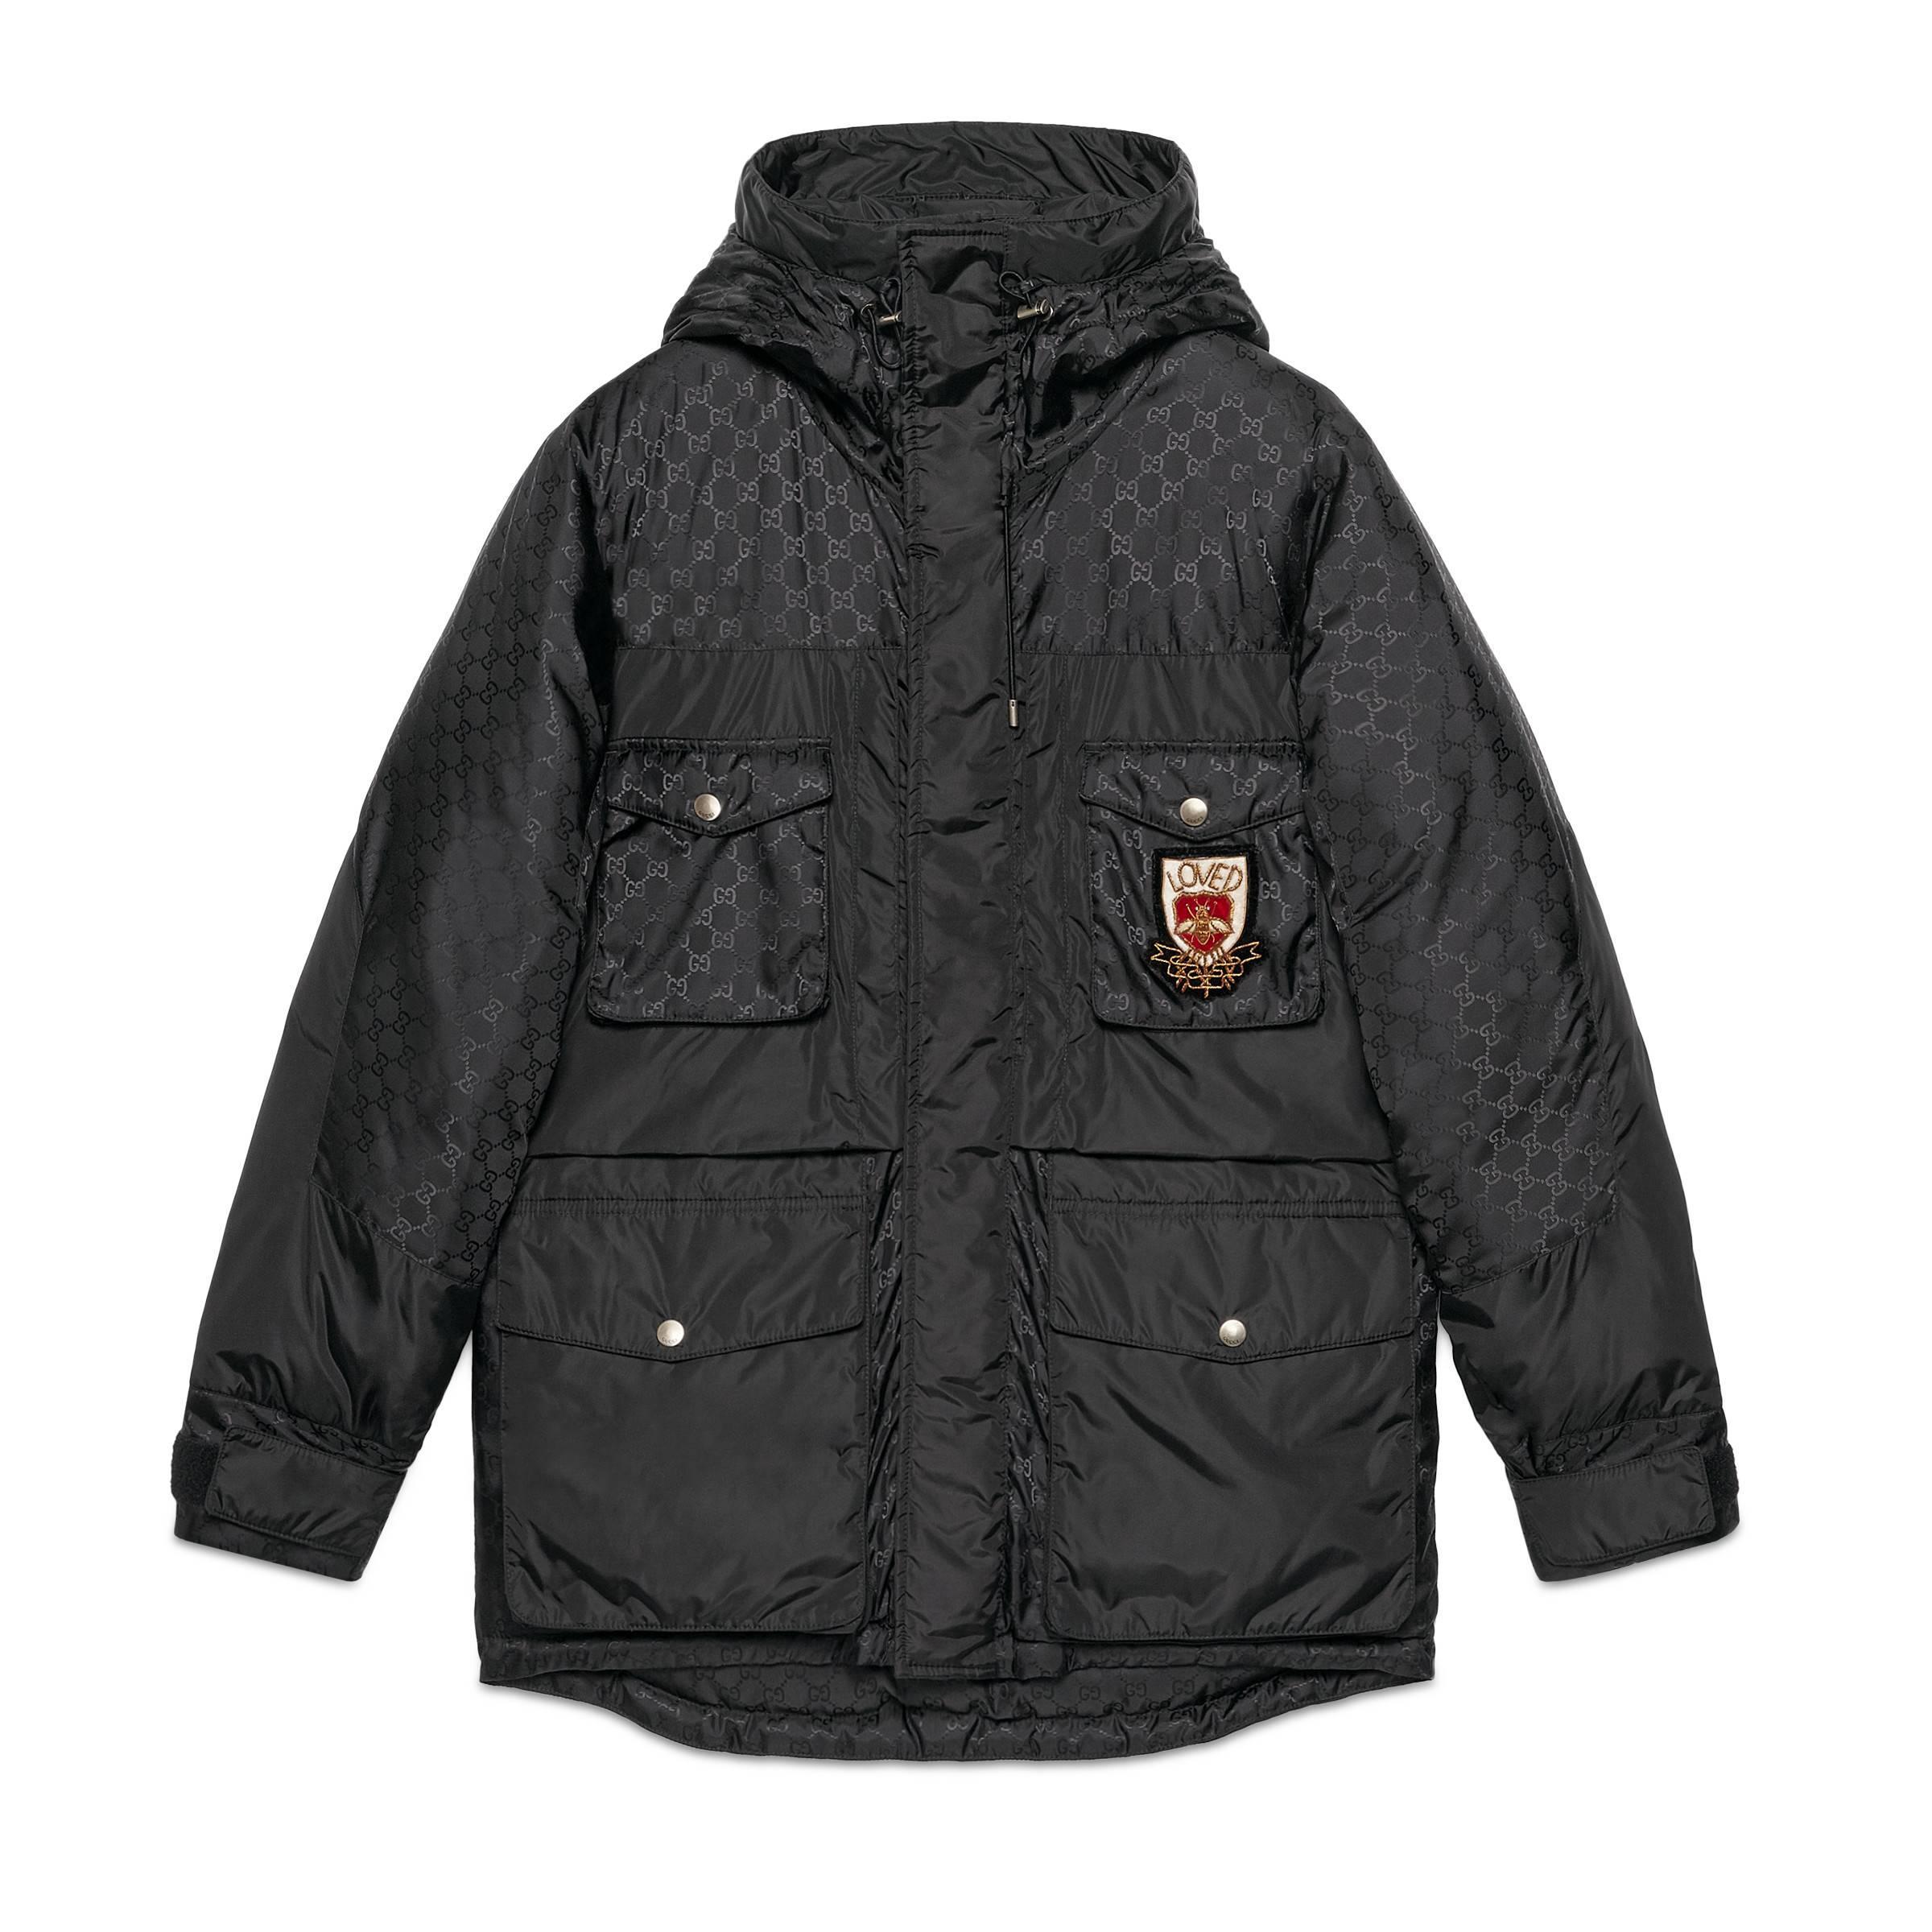 669ce6fce6b Lyst - Doudoune à motif Suprême GG Gucci pour homme en coloris Noir